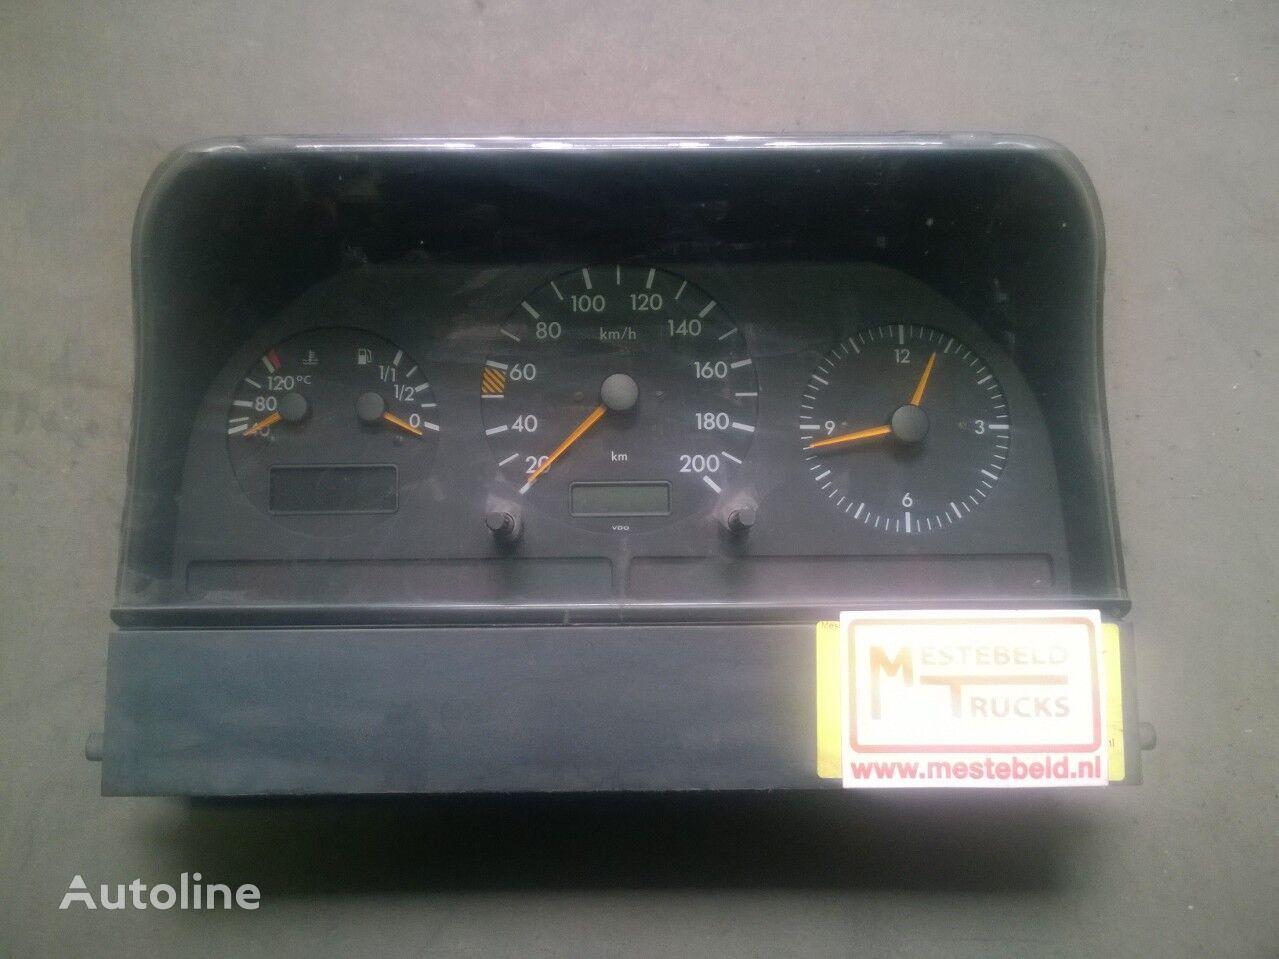 панель приборов MERCEDES-BENZ Instrumentenpaneel для автомобиля MERCEDES-BENZ Instrumentenpaneel Sprinter 312